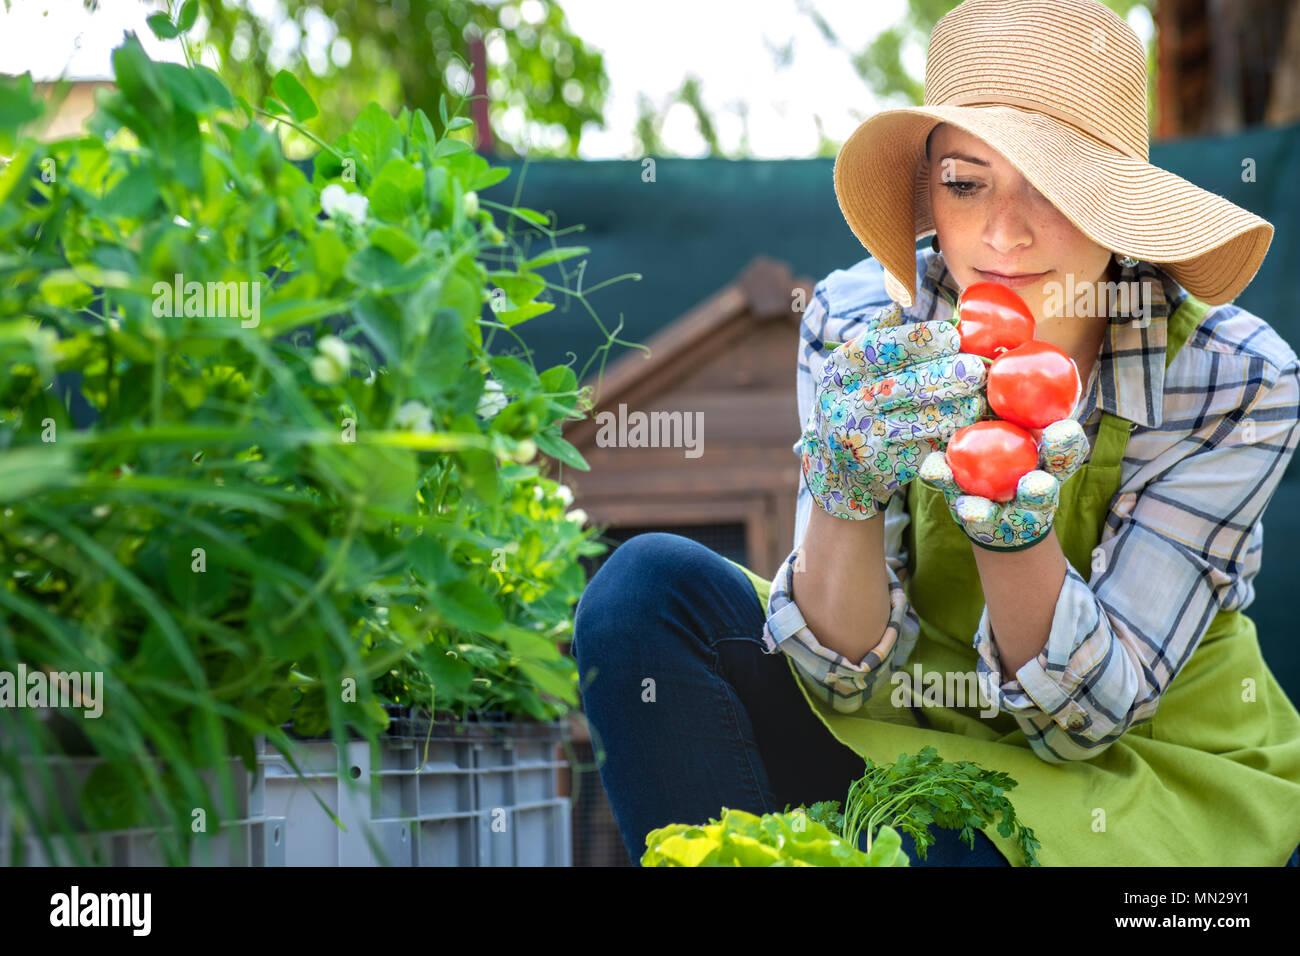 Schöne junge Small Business Landwirt riechen frisch geernteten Tomaten in ihrem Garten. Homegrown bio produzieren Konzept. Inhaber kleiner Unternehmen. Stockbild